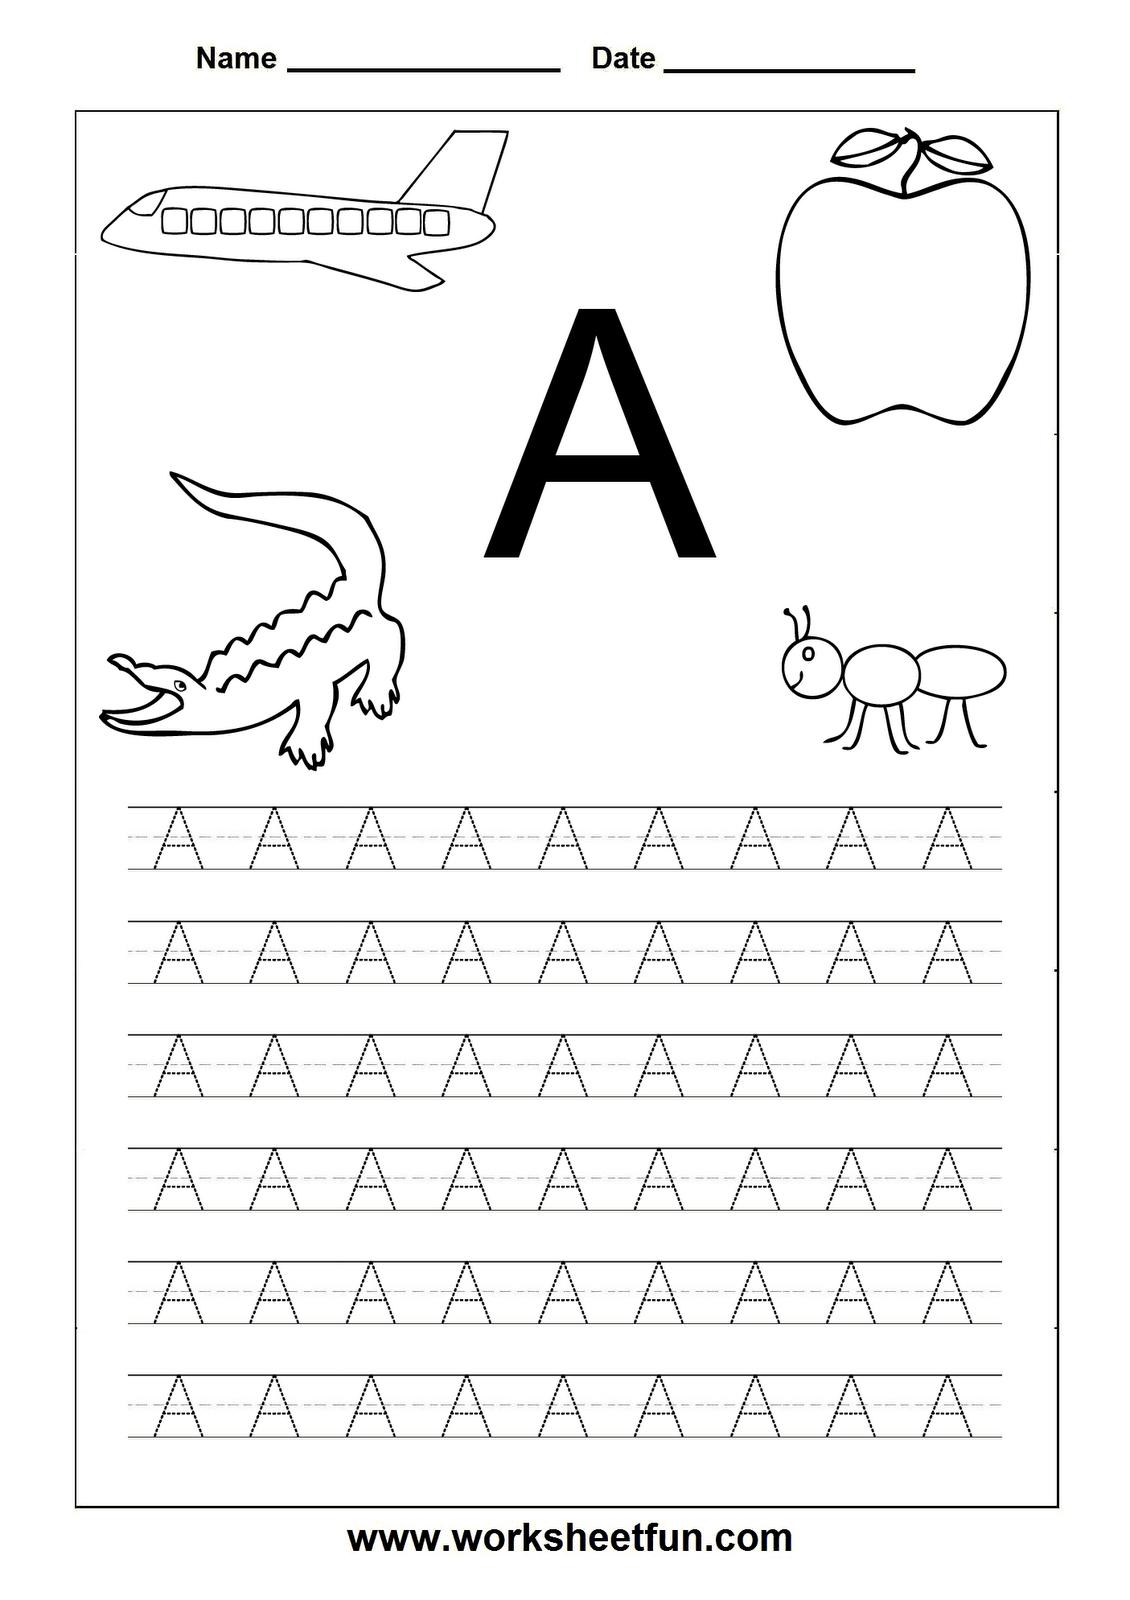 Letter Worksheets For Kindergarten Printable   Tracing for Letter Worksheets Kindergarten Free